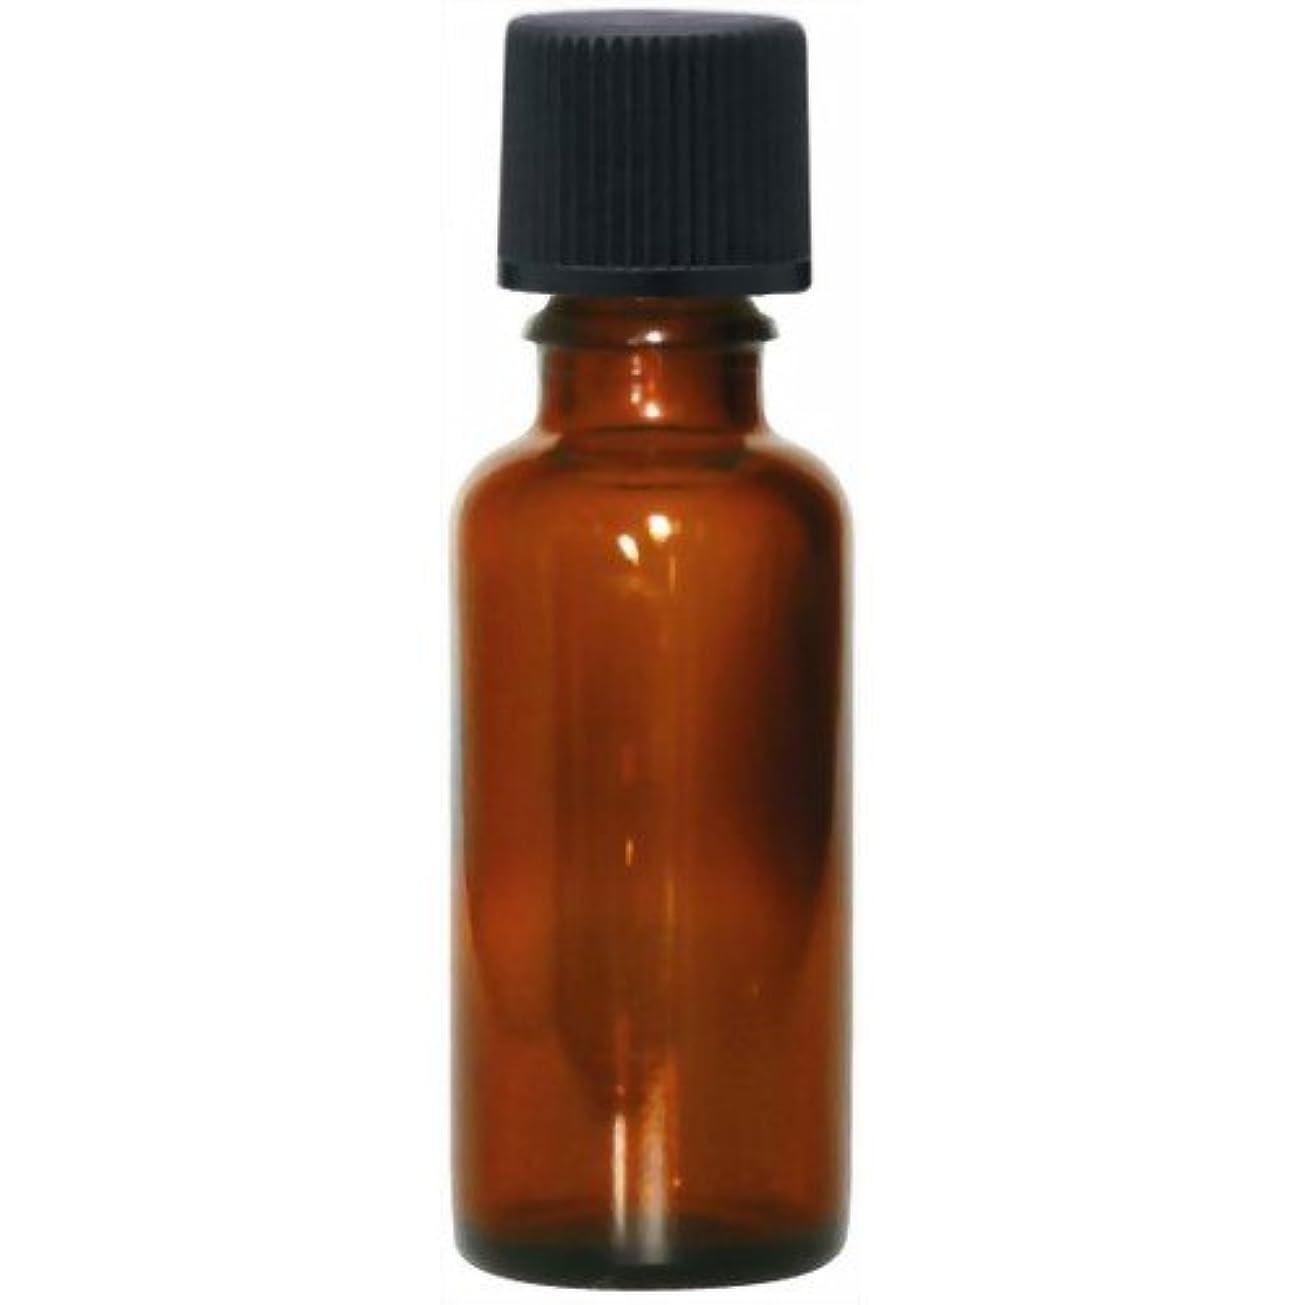 スキー実験的印象茶色遮光瓶30ml(黒キャップ)